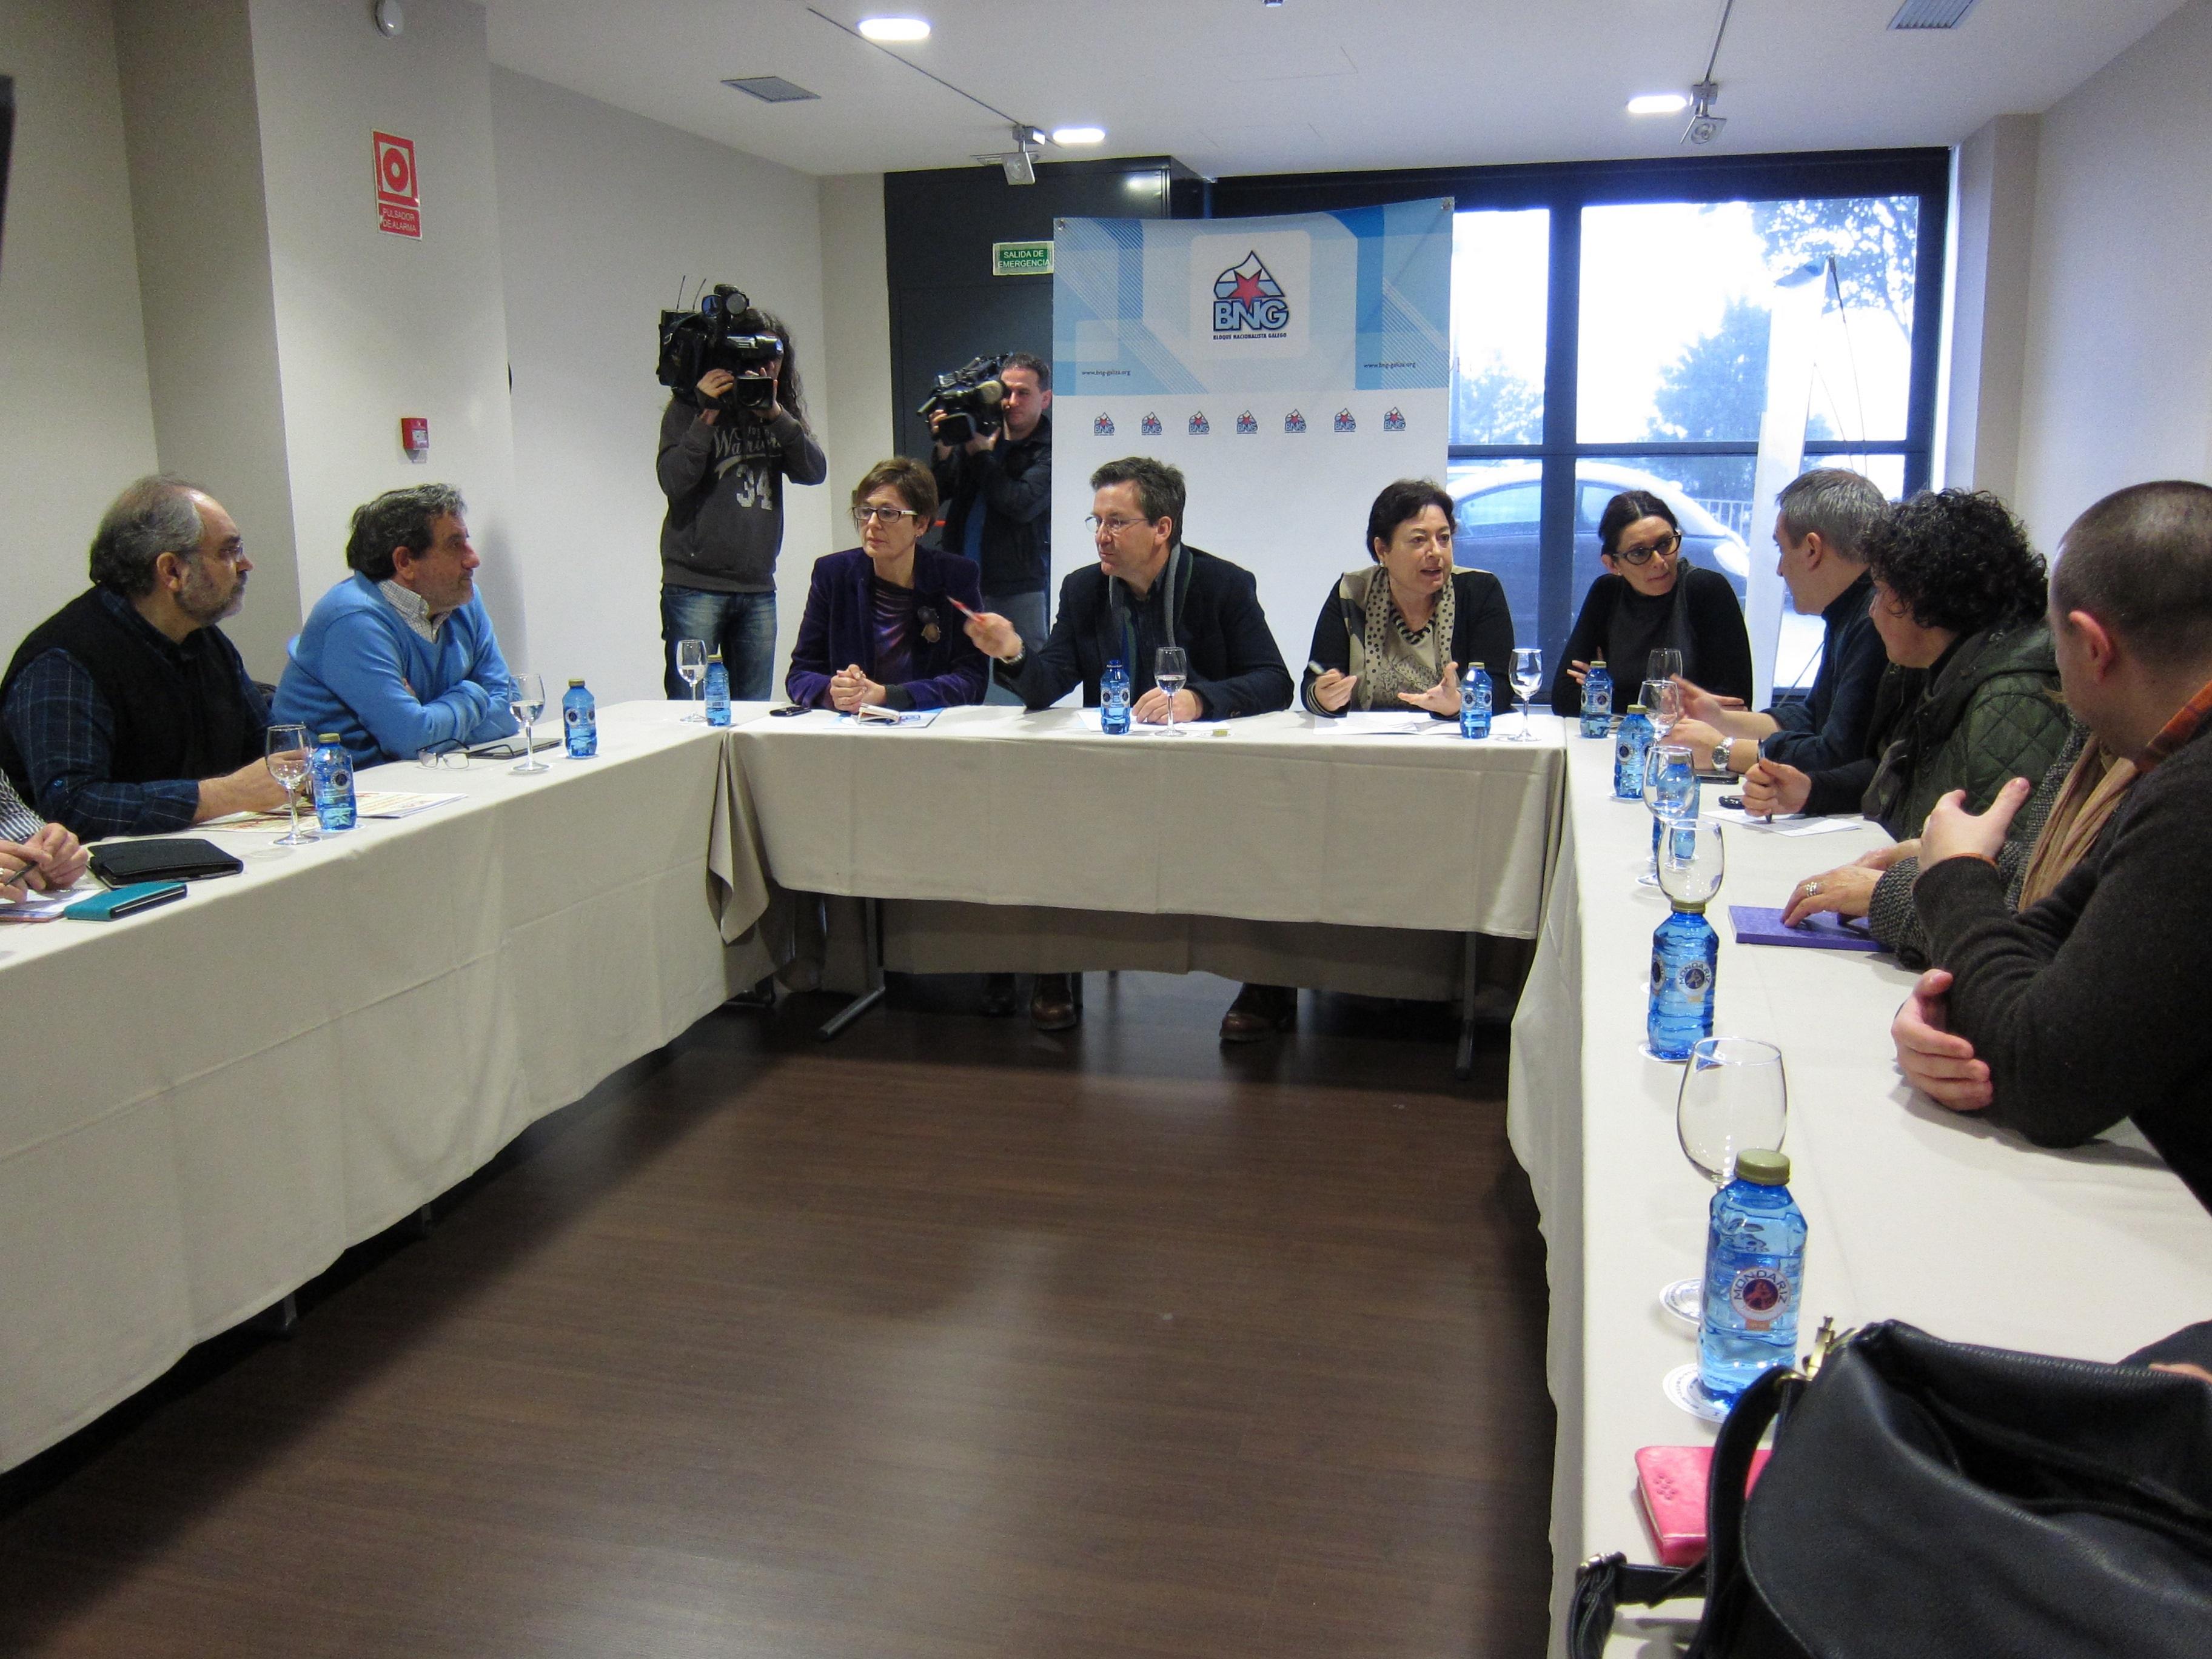 El BNG y la plataforma SOS Sanidade Pública llaman a la ciudadanía para que se una a la manifestación del 13 de febrero